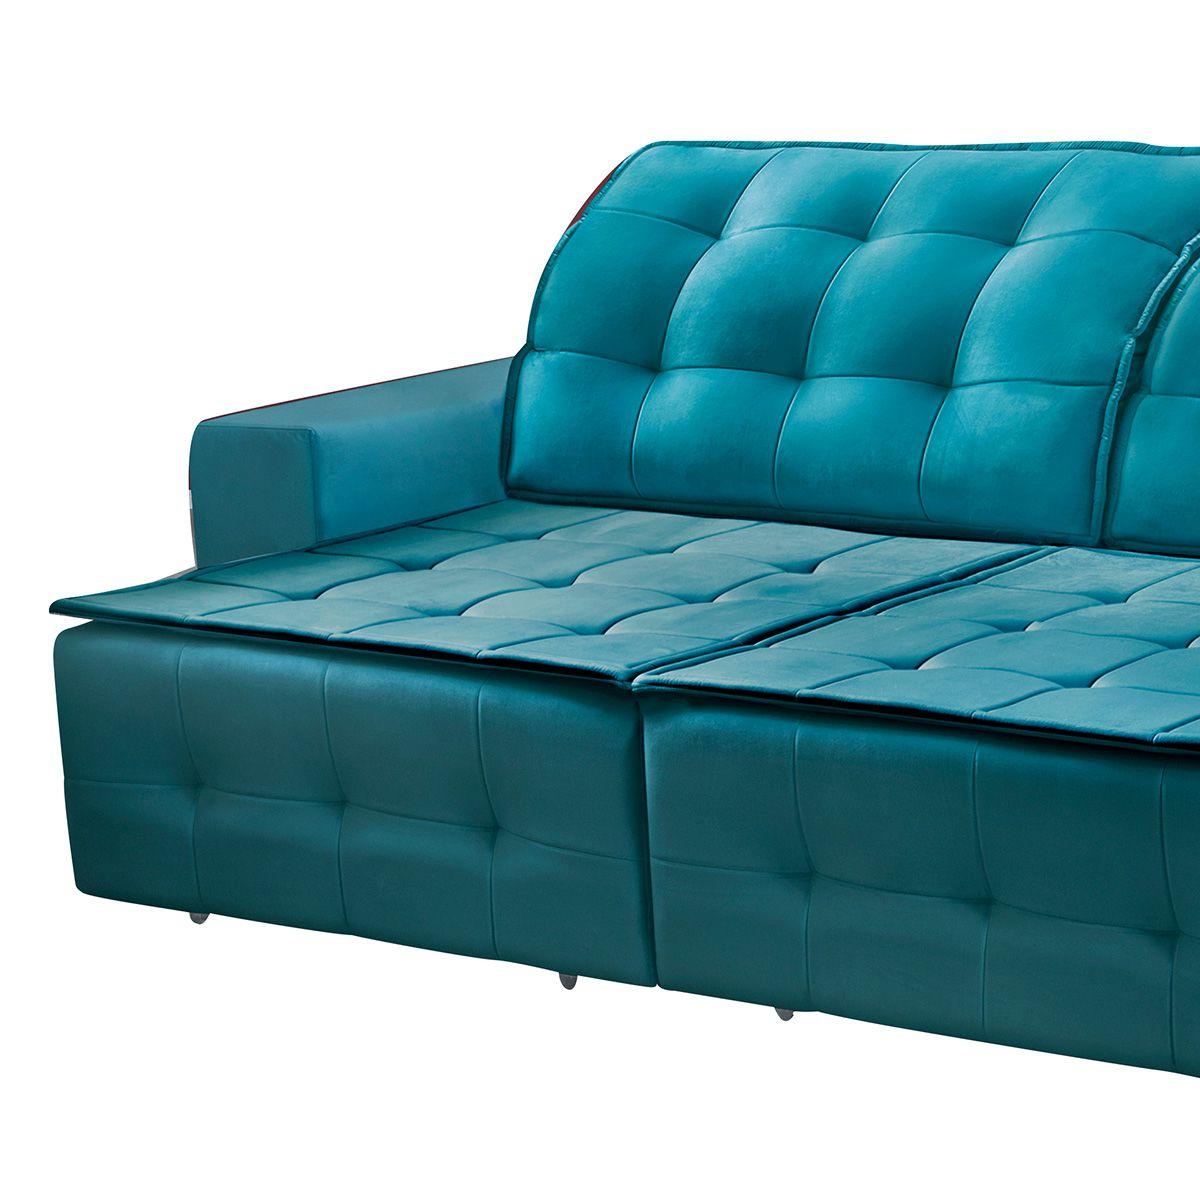 Sofá Retrátil e Reclinável Istambul 2,30 m Veludo Azul Esmeralda